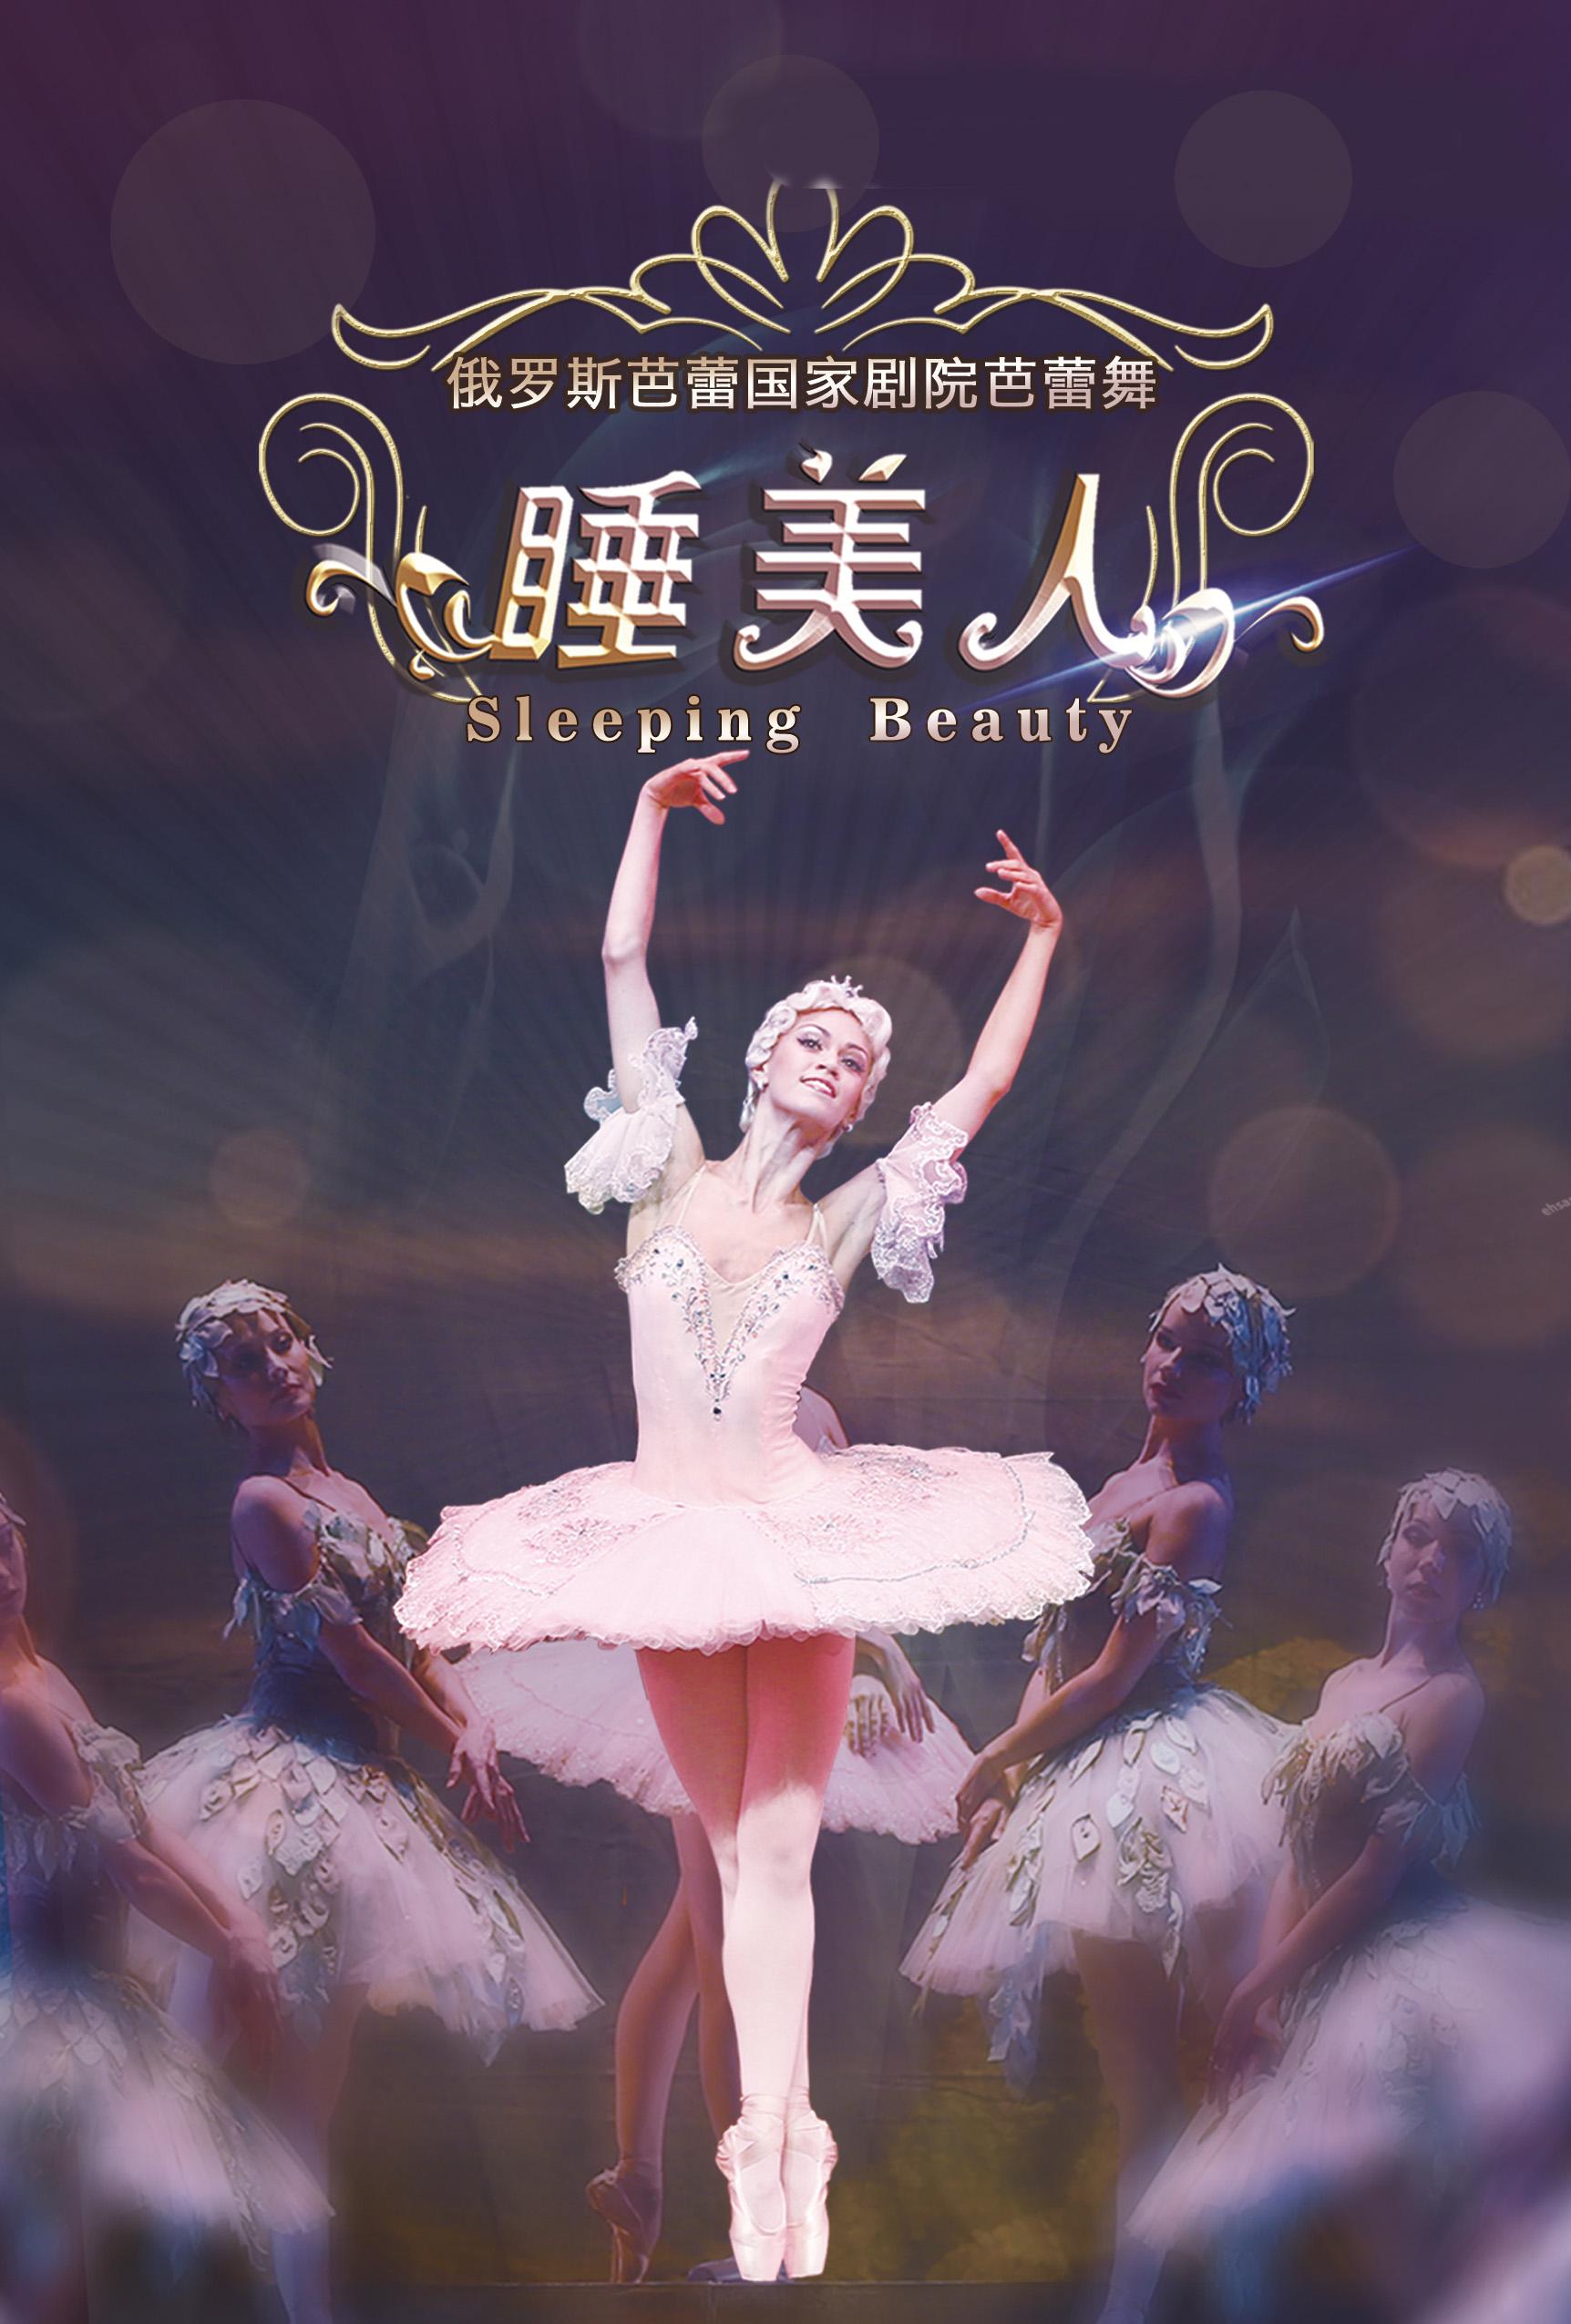 南京市文化消费政府补贴剧目 俄罗斯芭蕾国家剧院《睡美人》